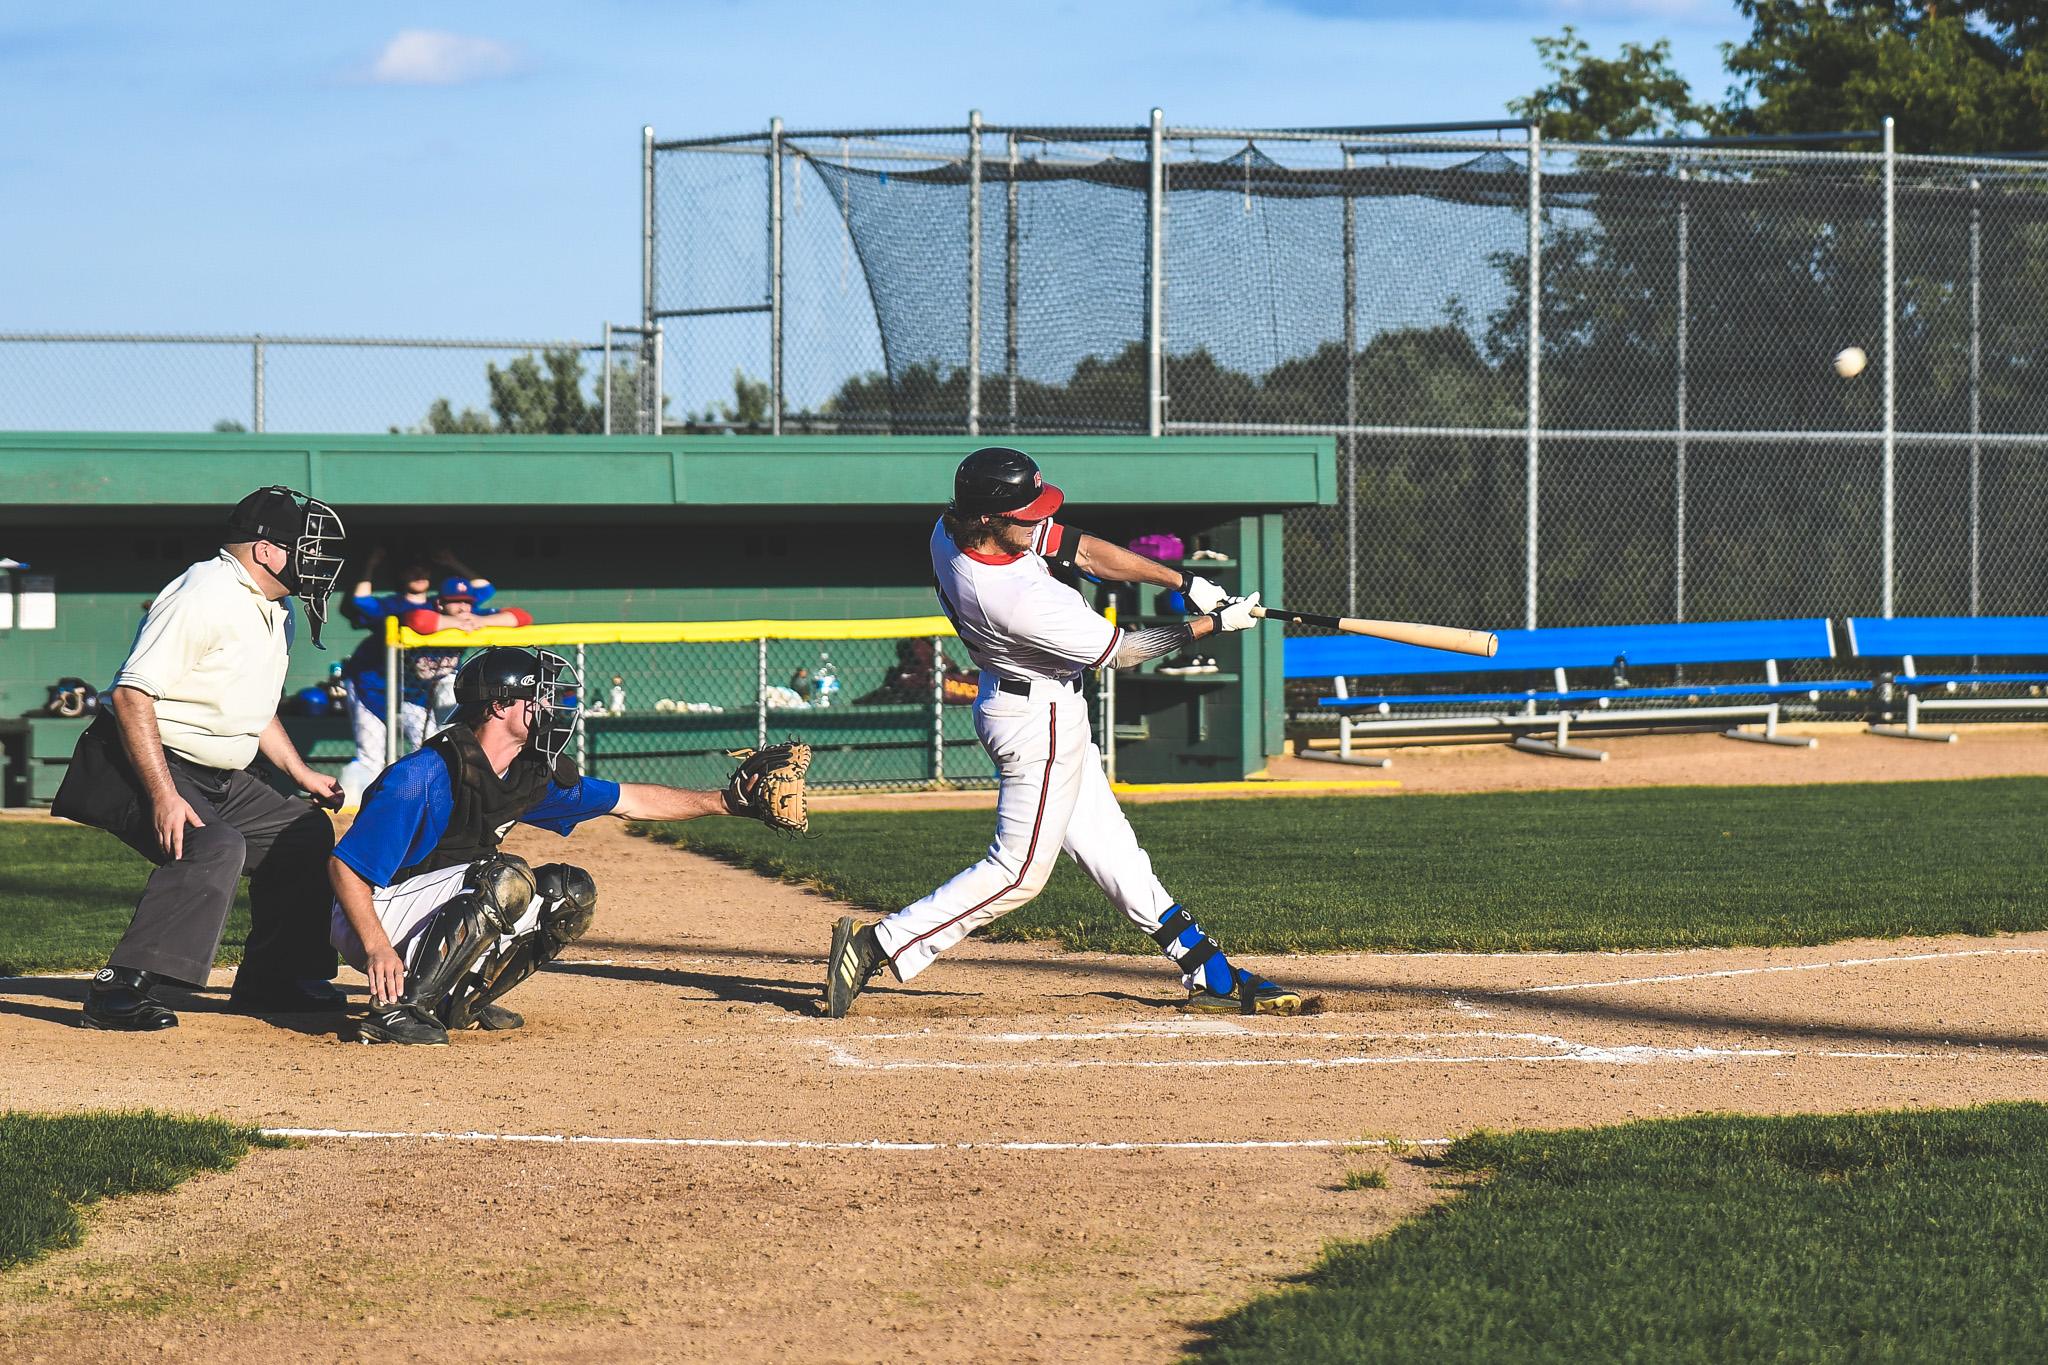 dMitchell Goodwin Home Run